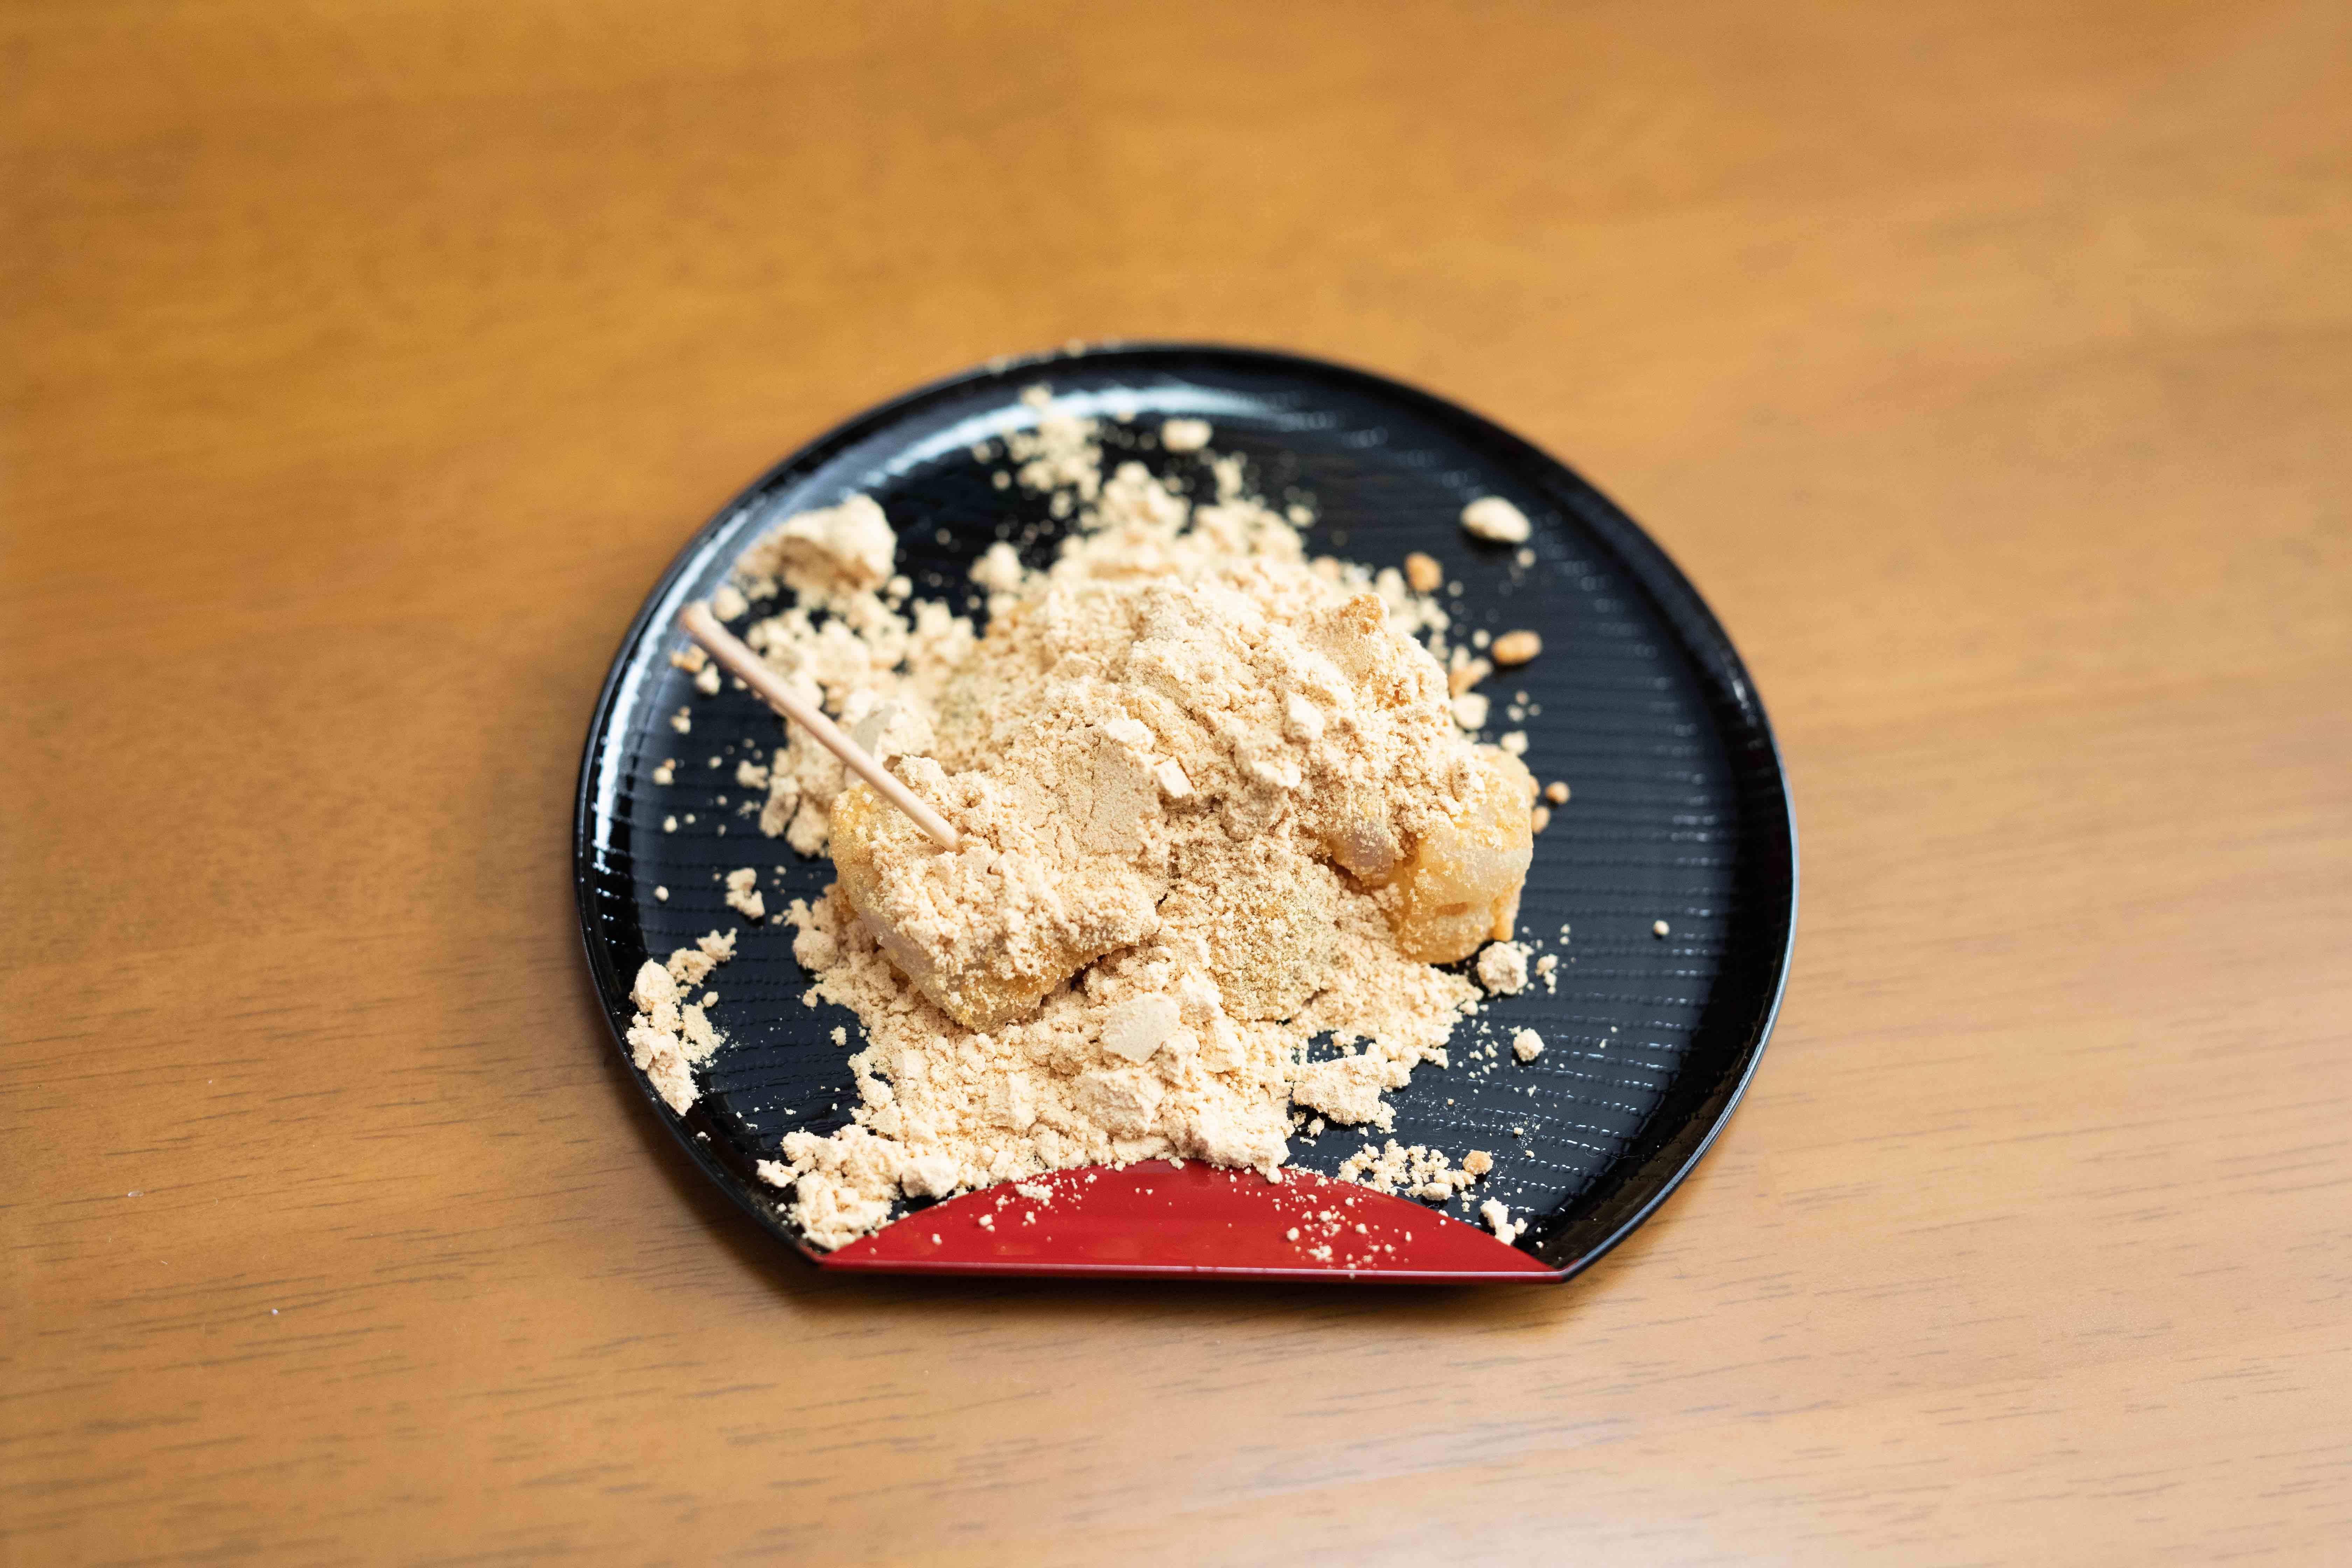 *取材後にいただいたわらび餅。独自の加工法により食感がわらび餅に近く、おやつとしての可能性も感じました!